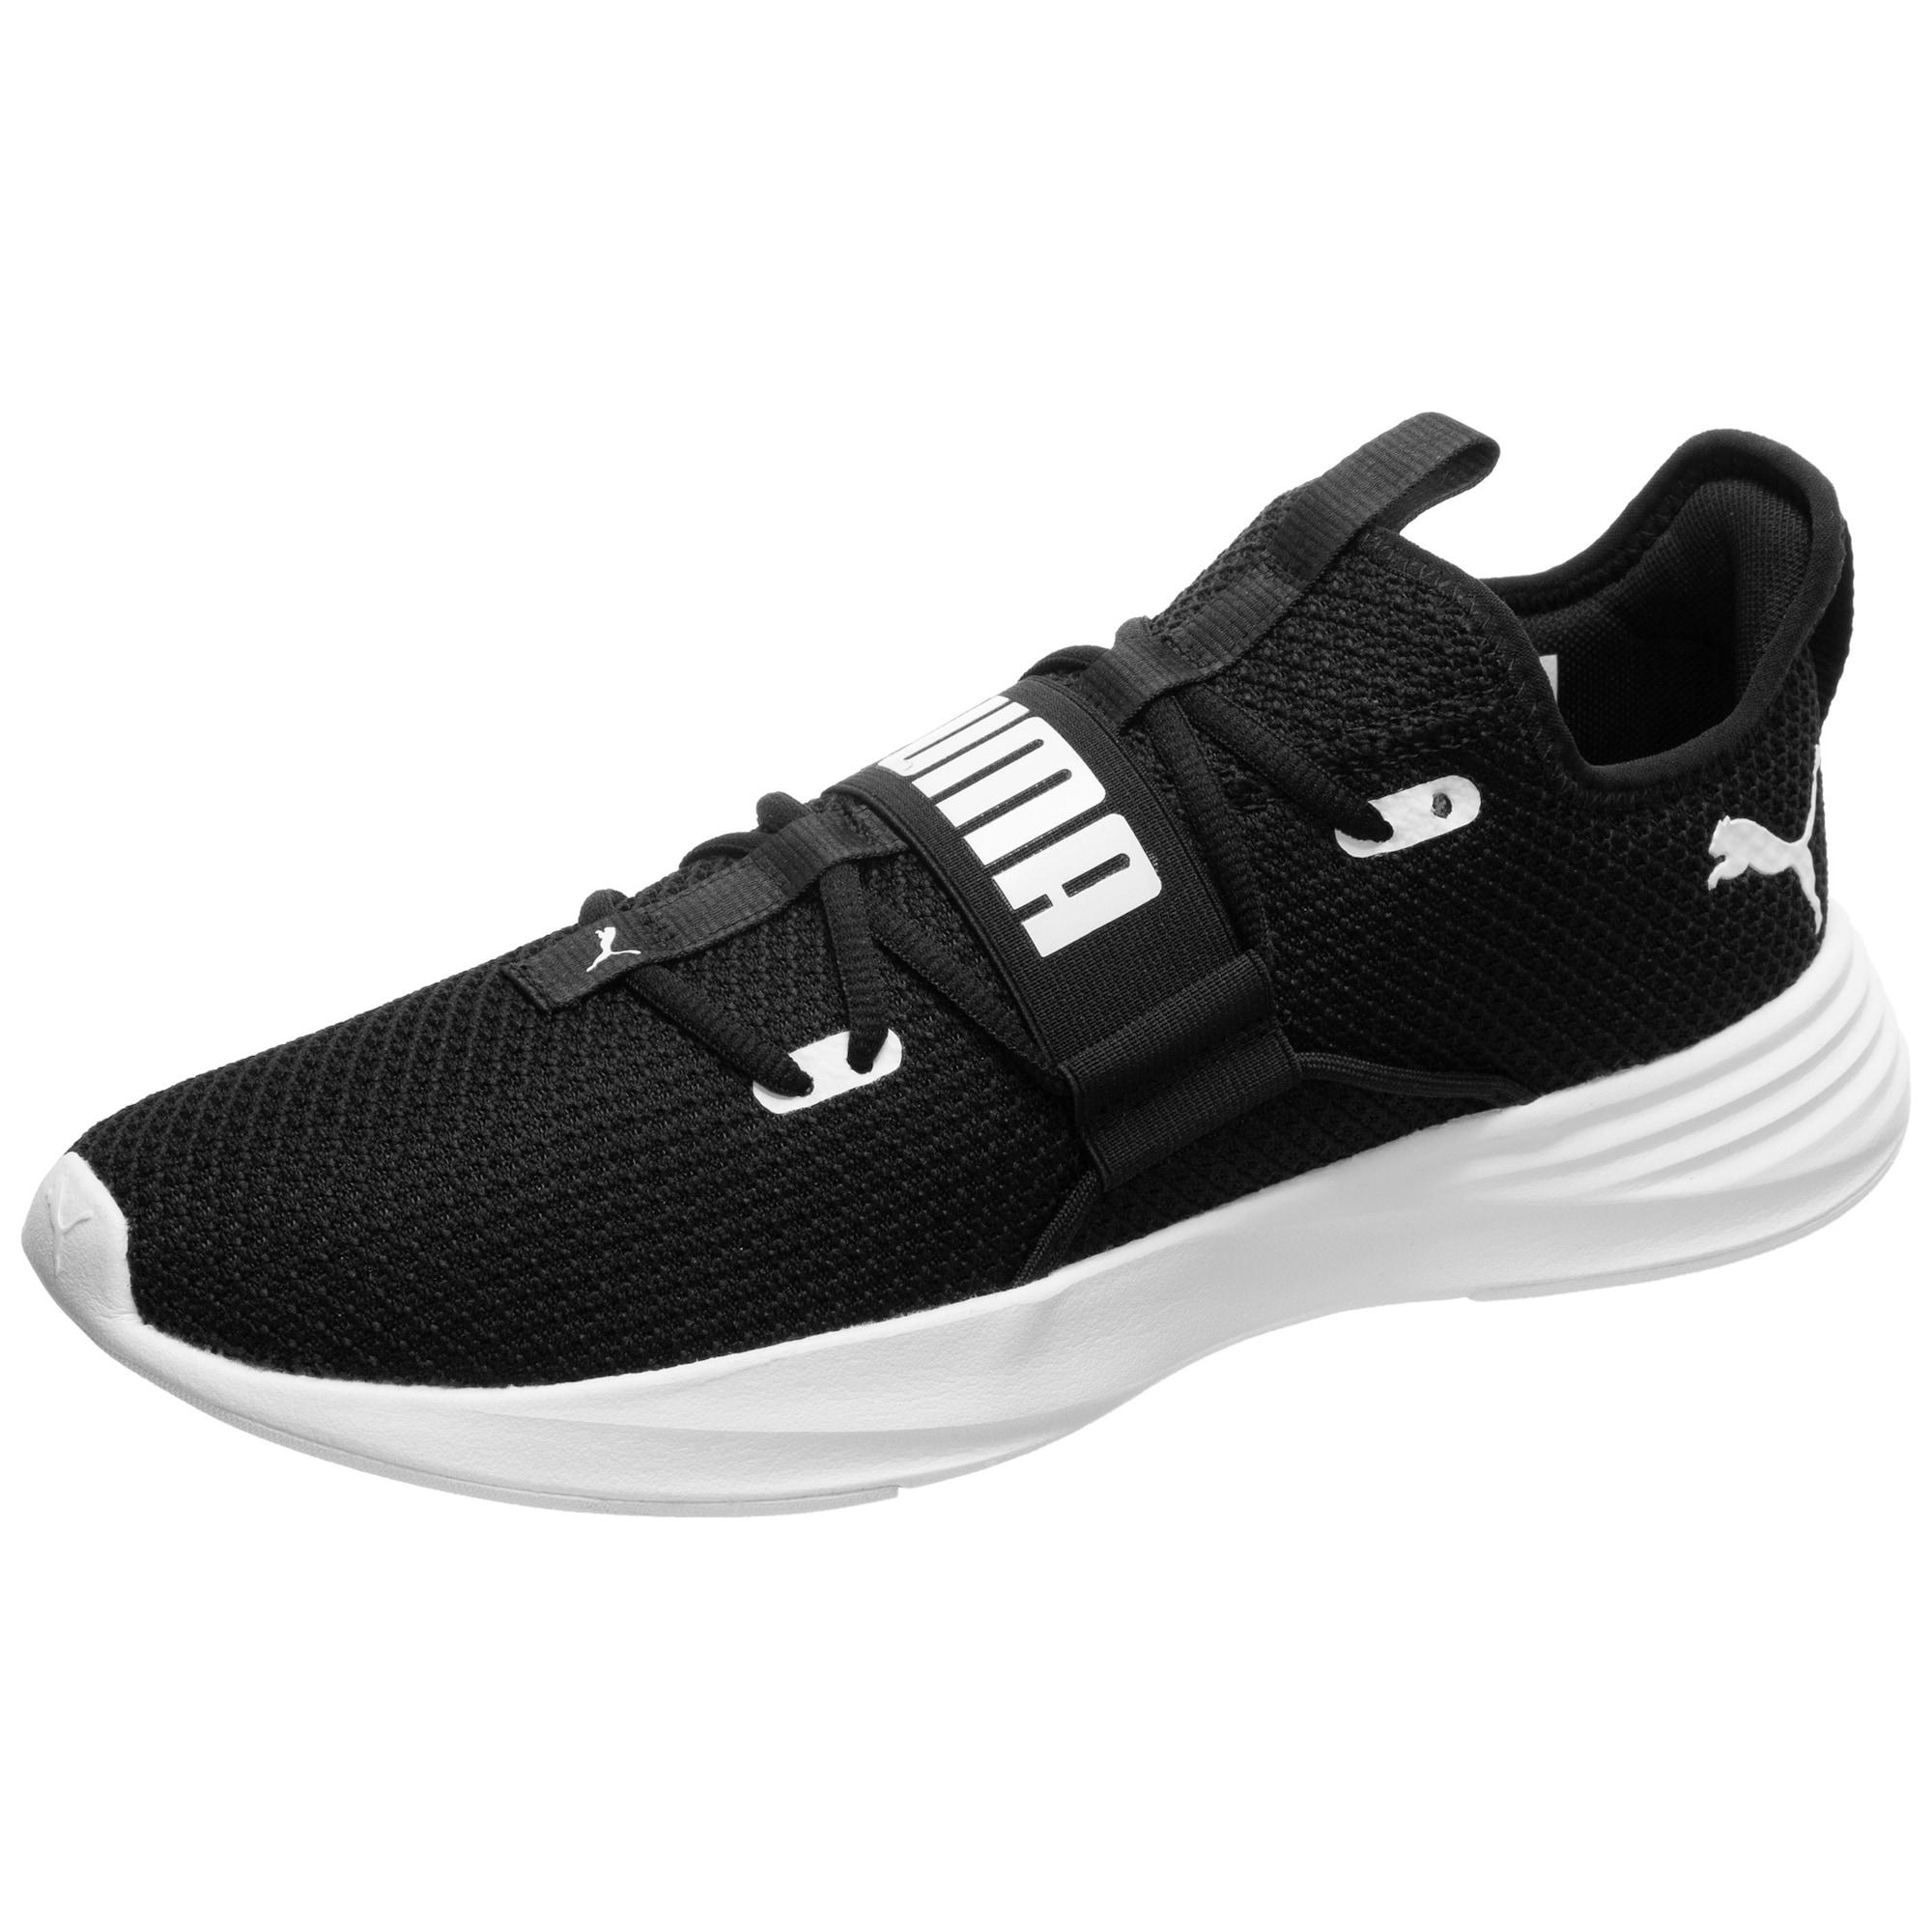 PUMA Bėgimo batai 'Persist XT Knit' balta / juoda